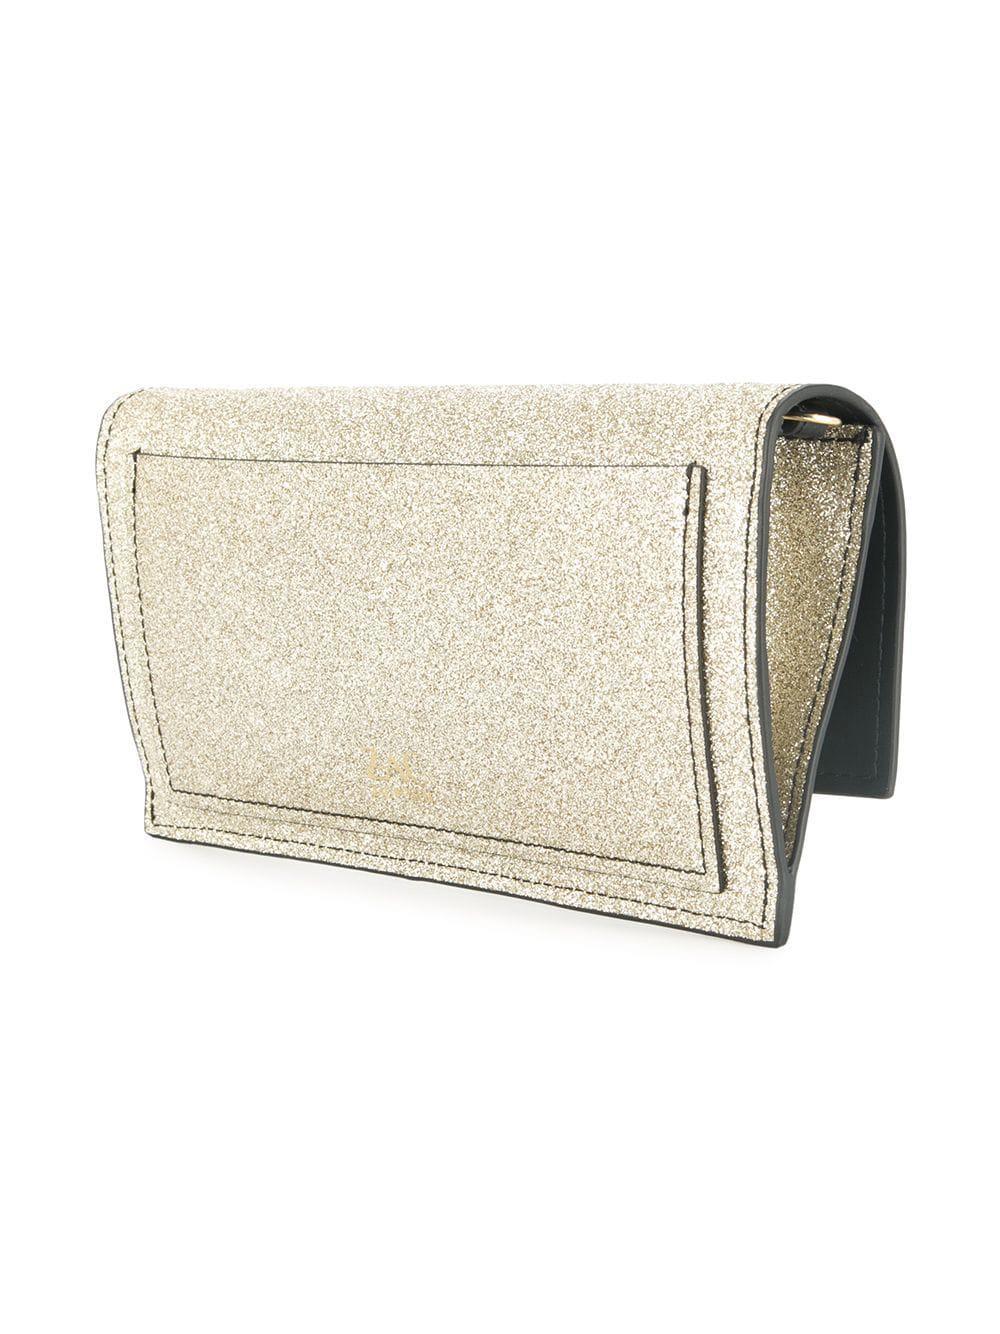 Clutch Posen Bag In Metallic Glitter Zac Earthette Lyst a4CqwUn